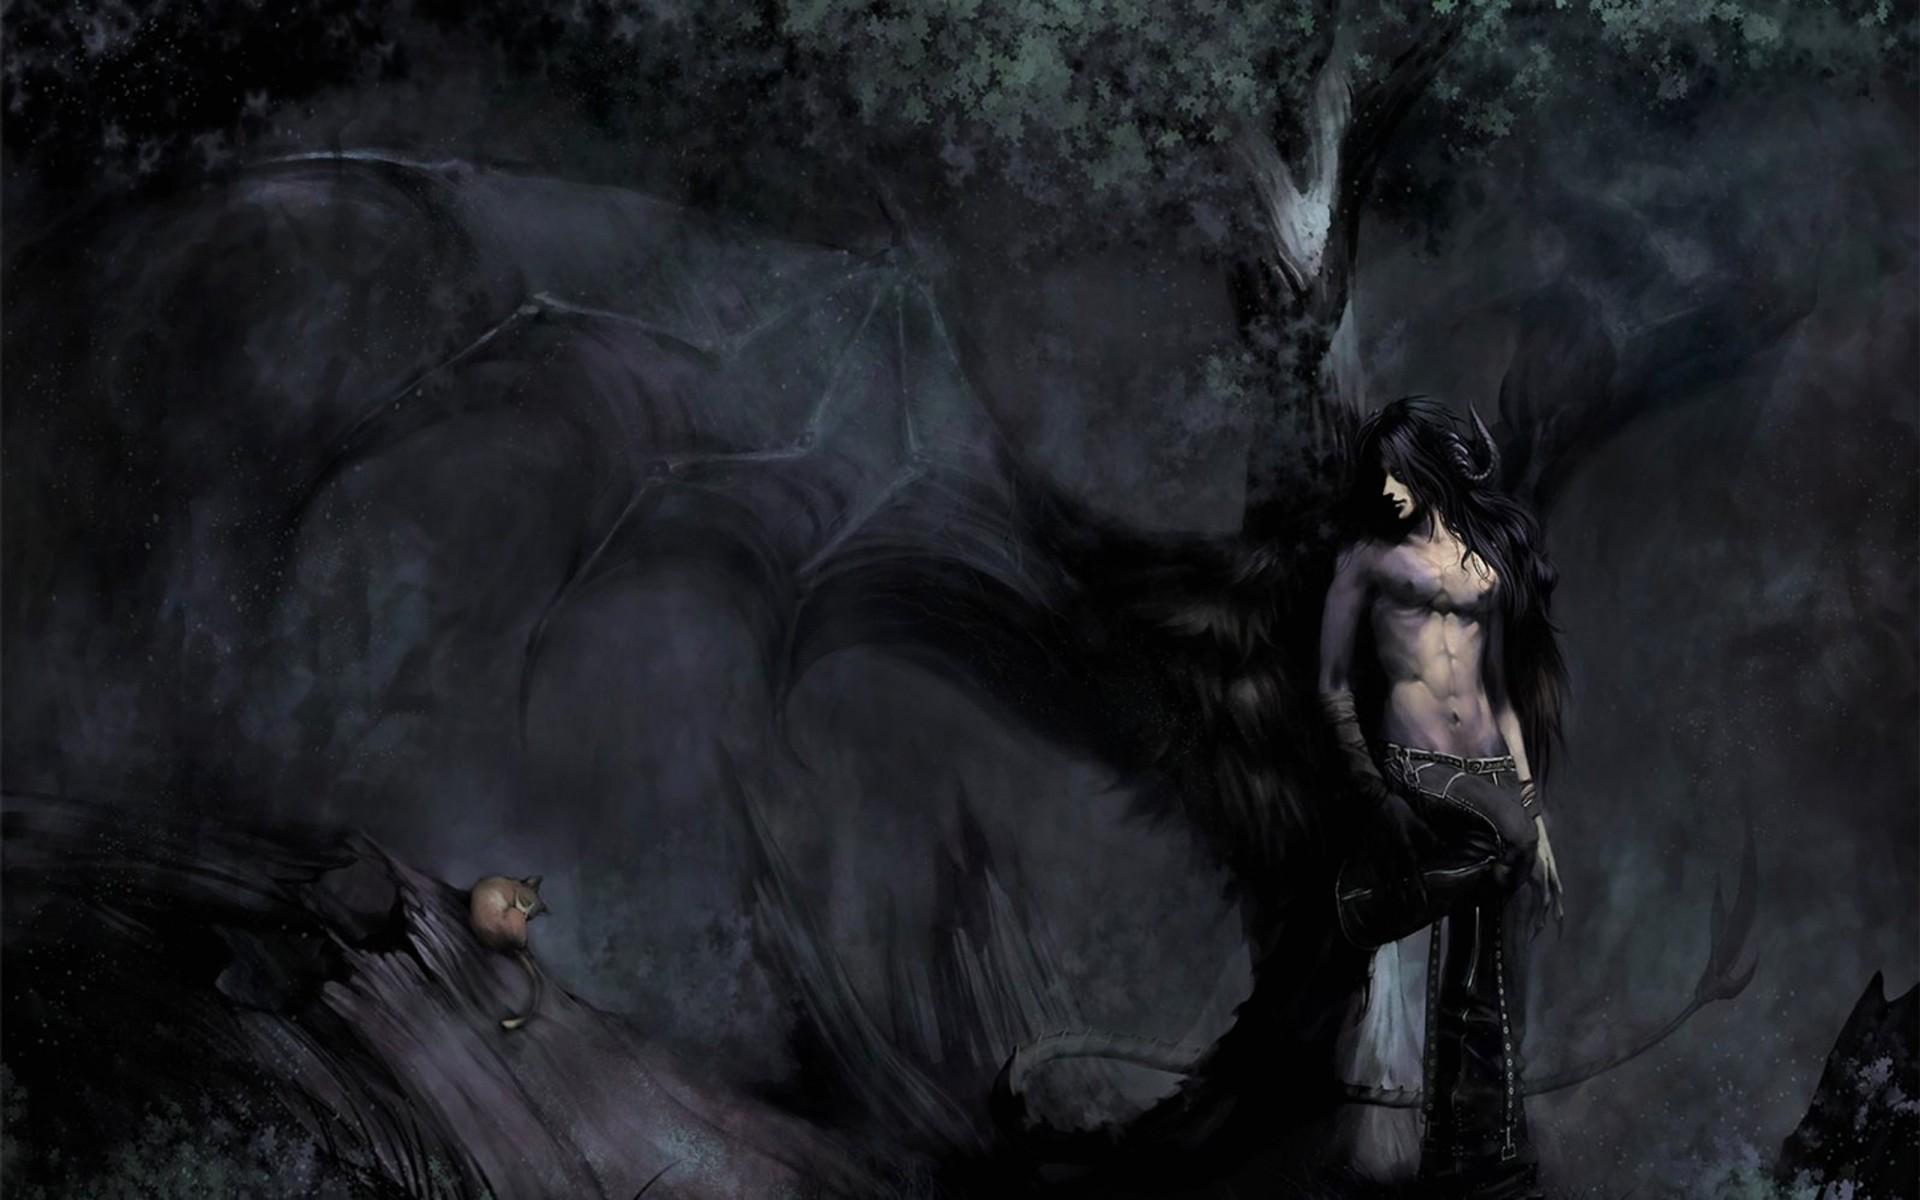 Dark Fantasy Art Fallen Angels | dark fantasy fallen angel demon creature  monster trees forest nature